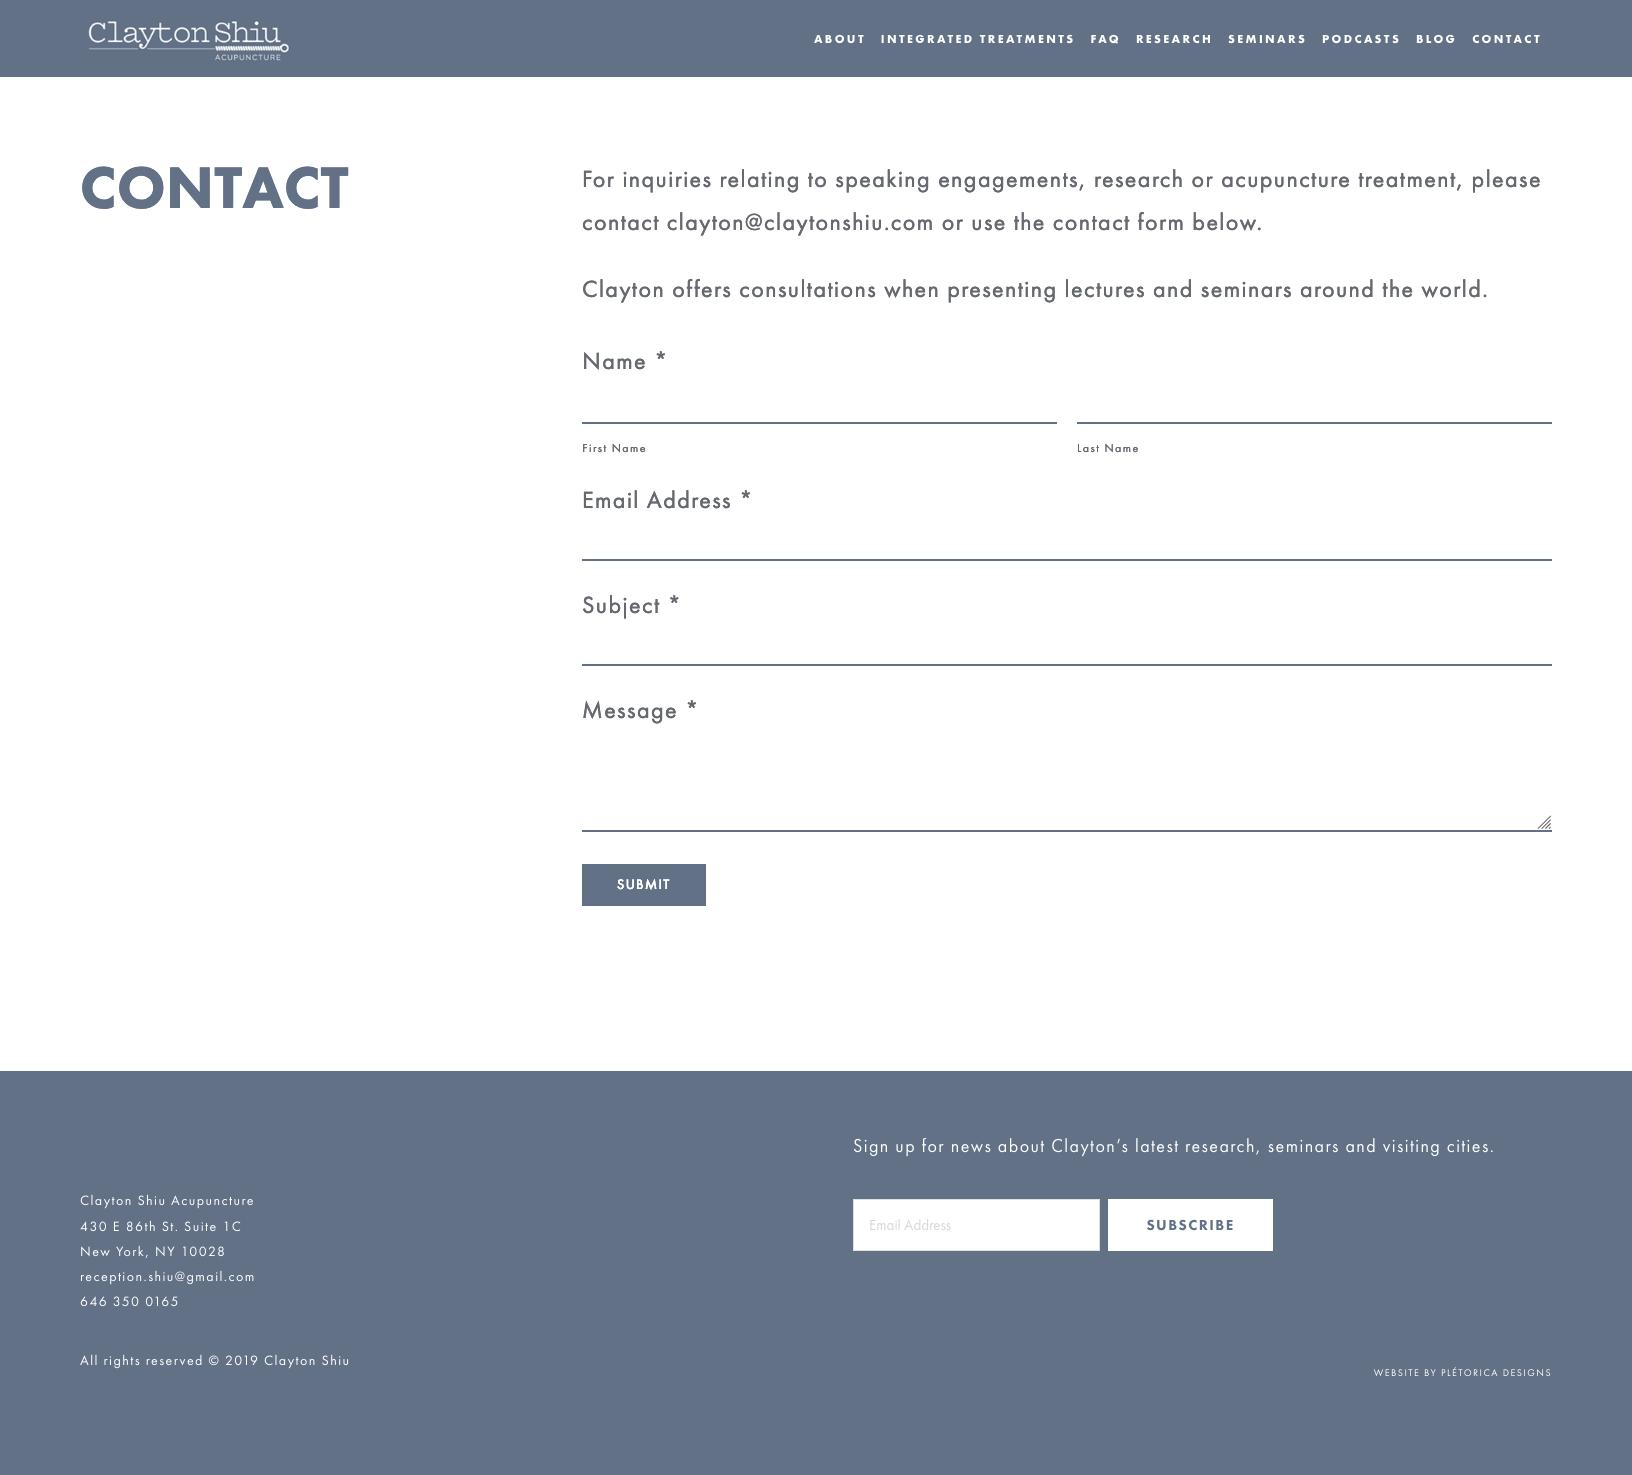 Screenshot_2019-03-17 CONTACT — Clayton Shiu Acupuncture.png